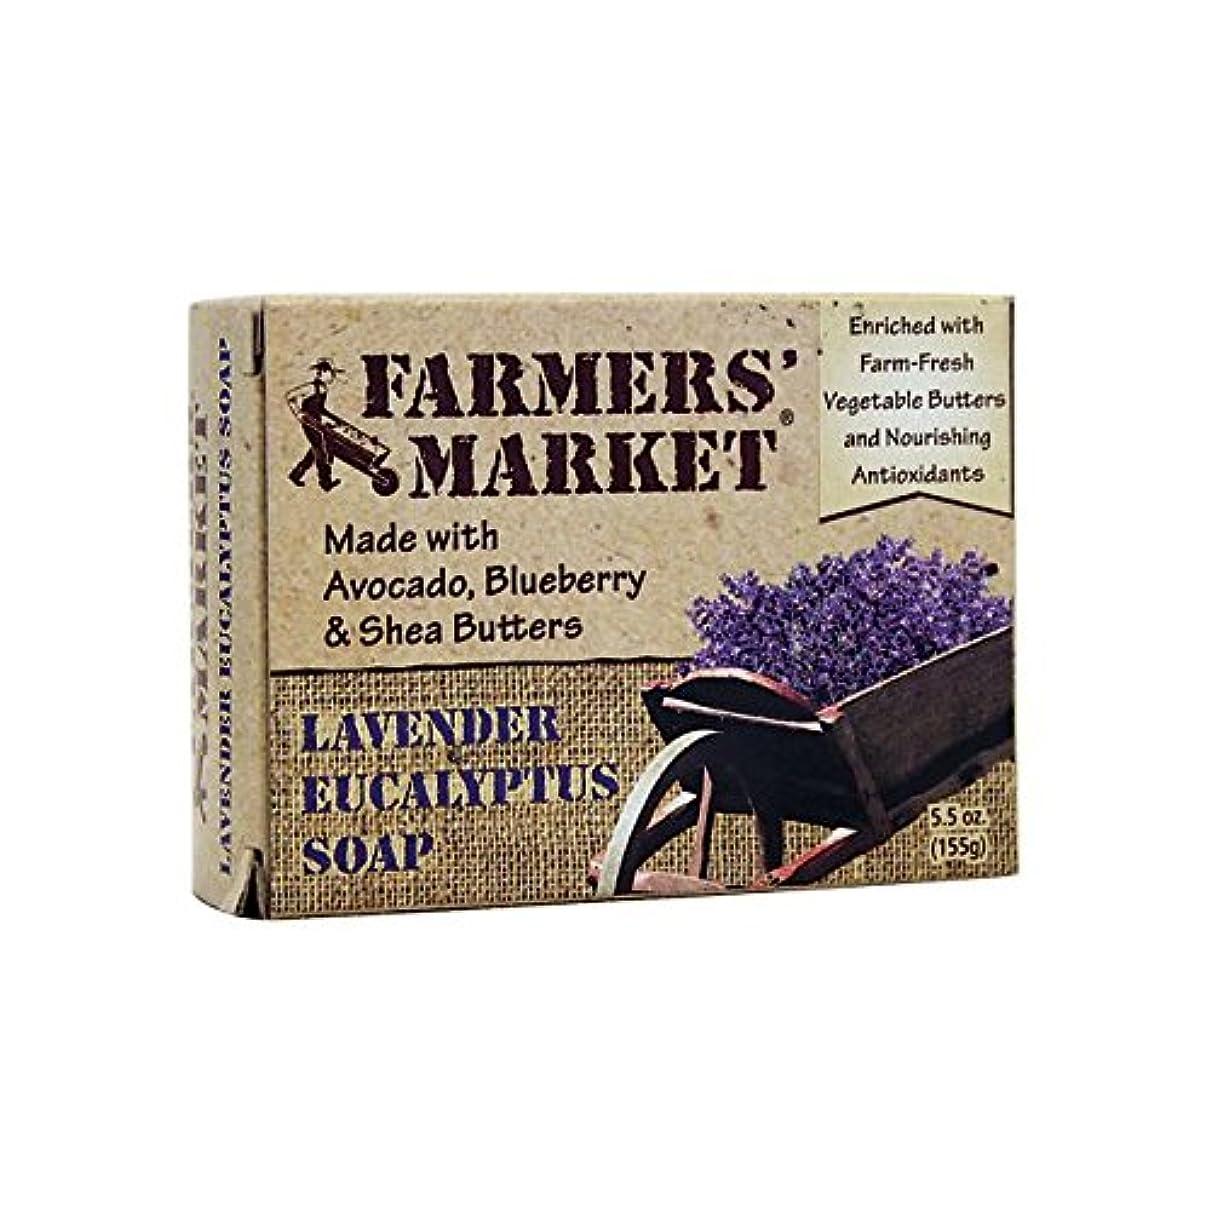 赤字フォアマン確認Farmers' Market Soaps, Lavender Eucalyptus Soap, 5.5 oz (155 g) (Discontinued Item)